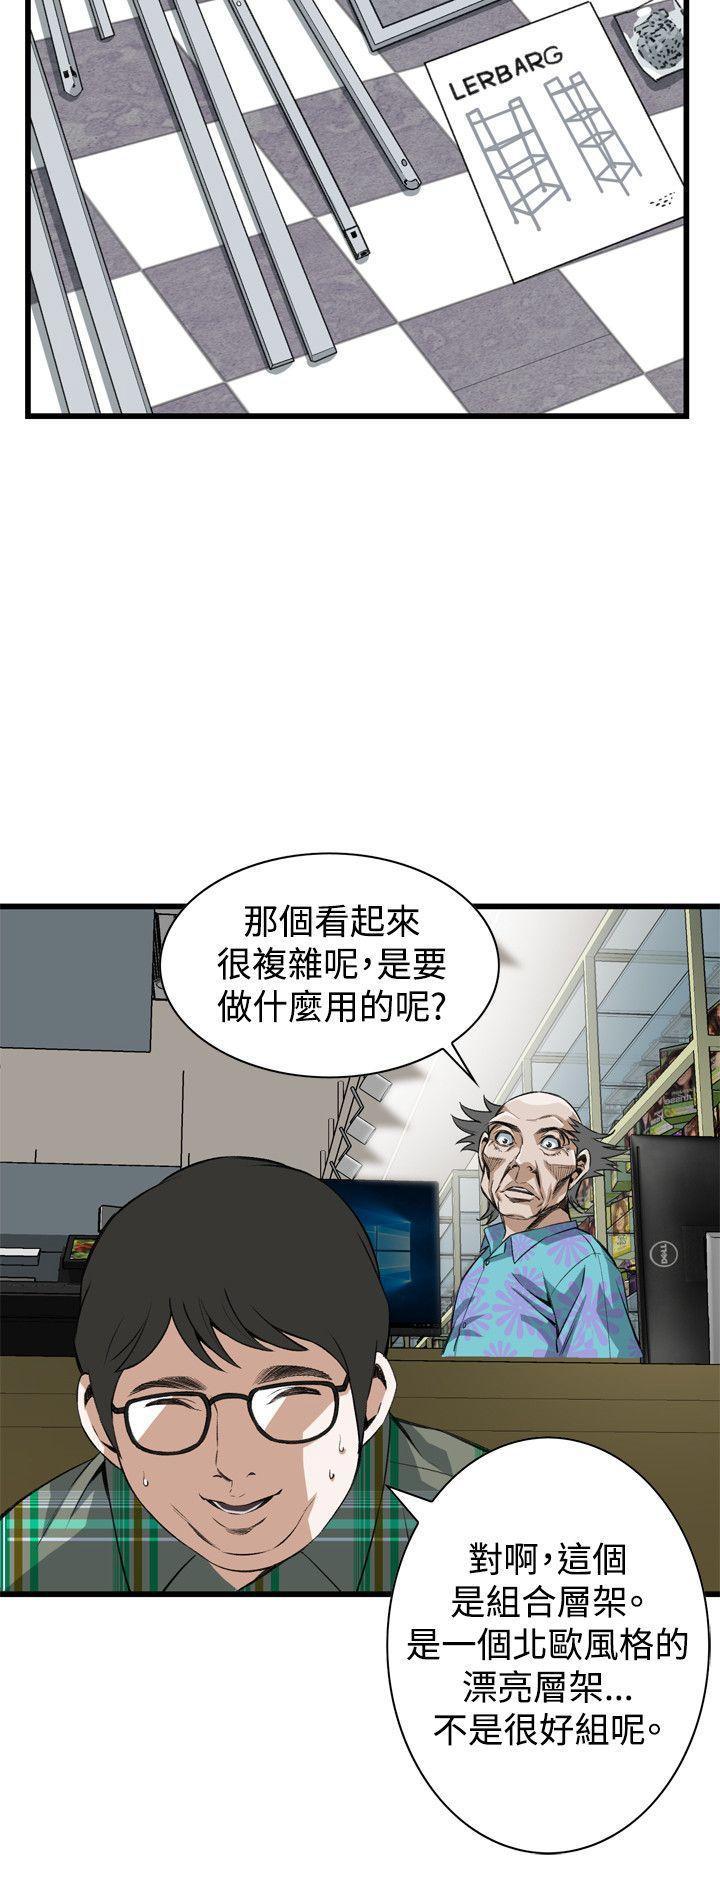 偷窥72-93 Chinese Rsiky 111